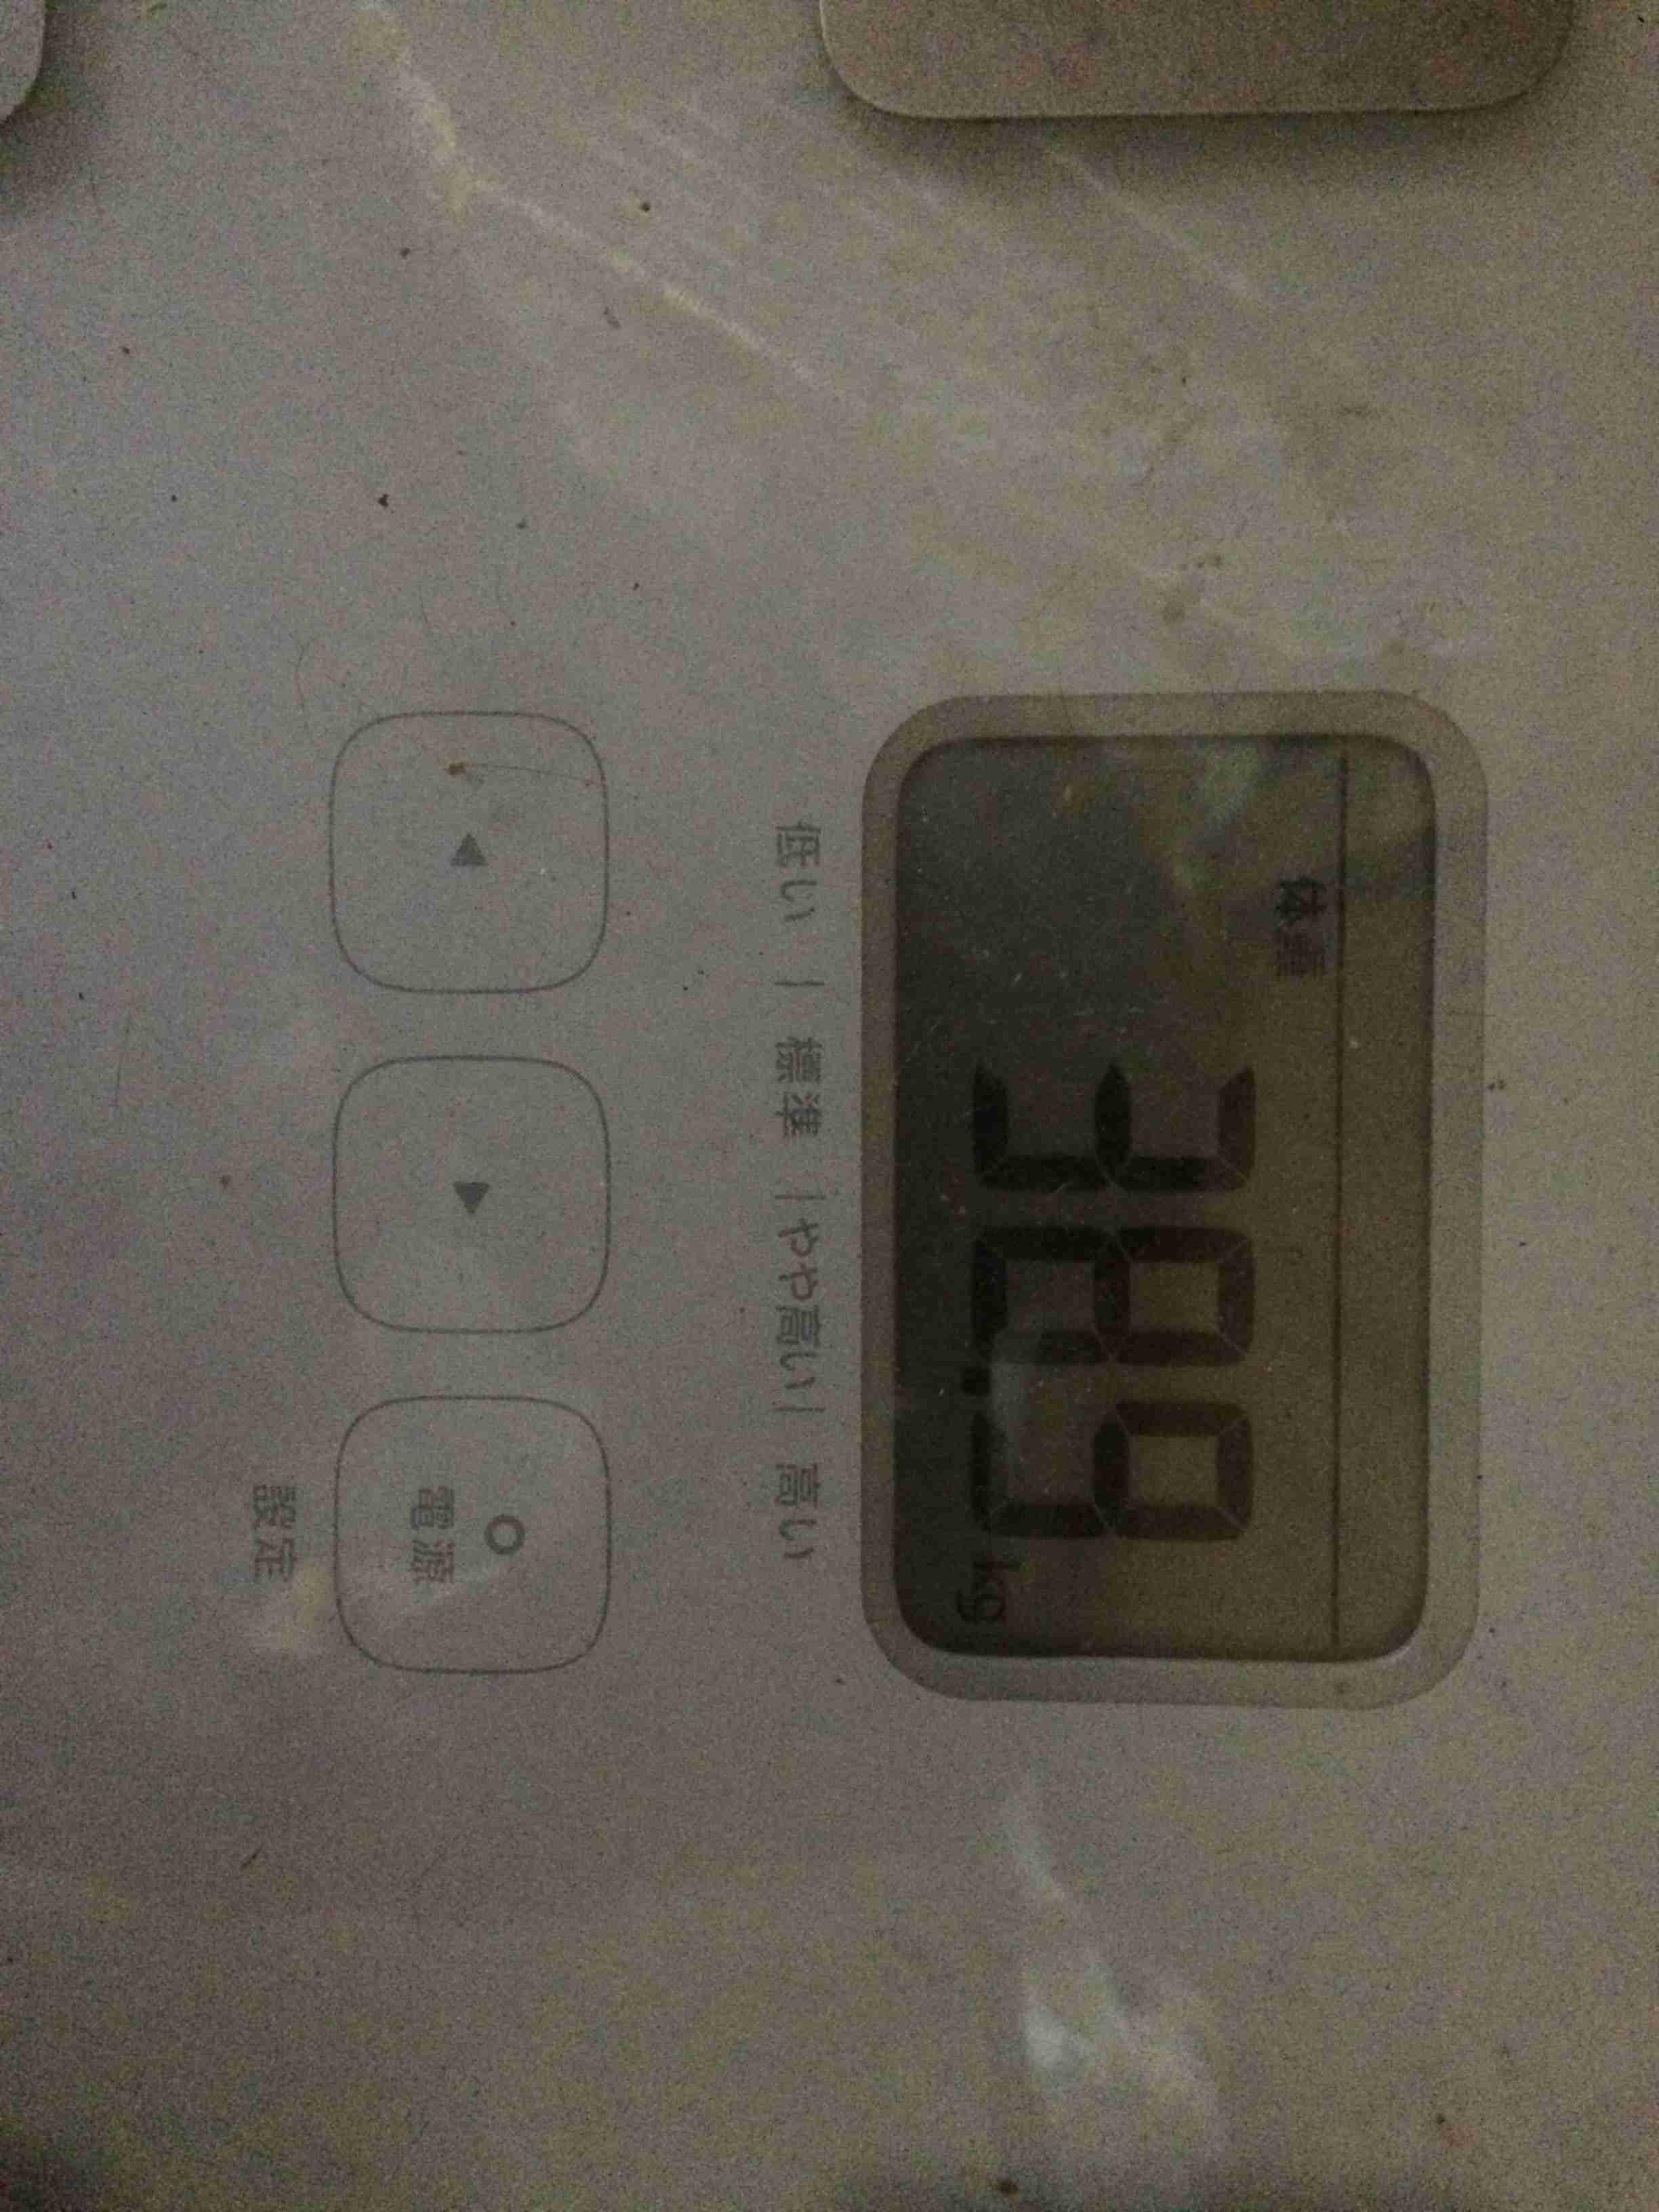 30日間体重を報告し続けるトピpart2